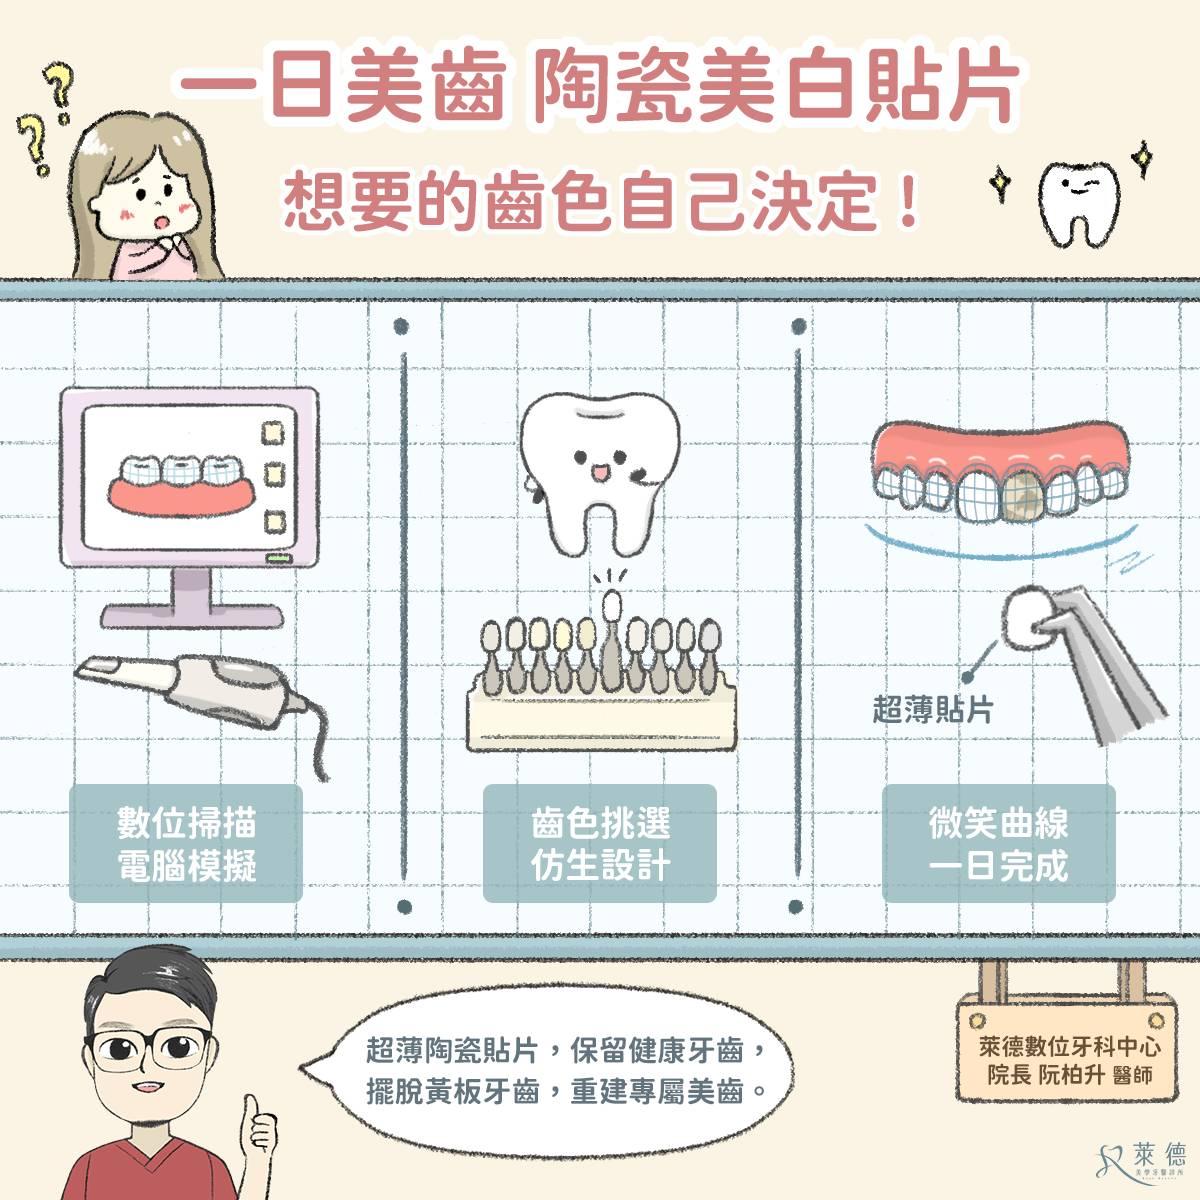 「一日美齒 陶瓷美白貼片」打造美麗微笑的快速捷徑!